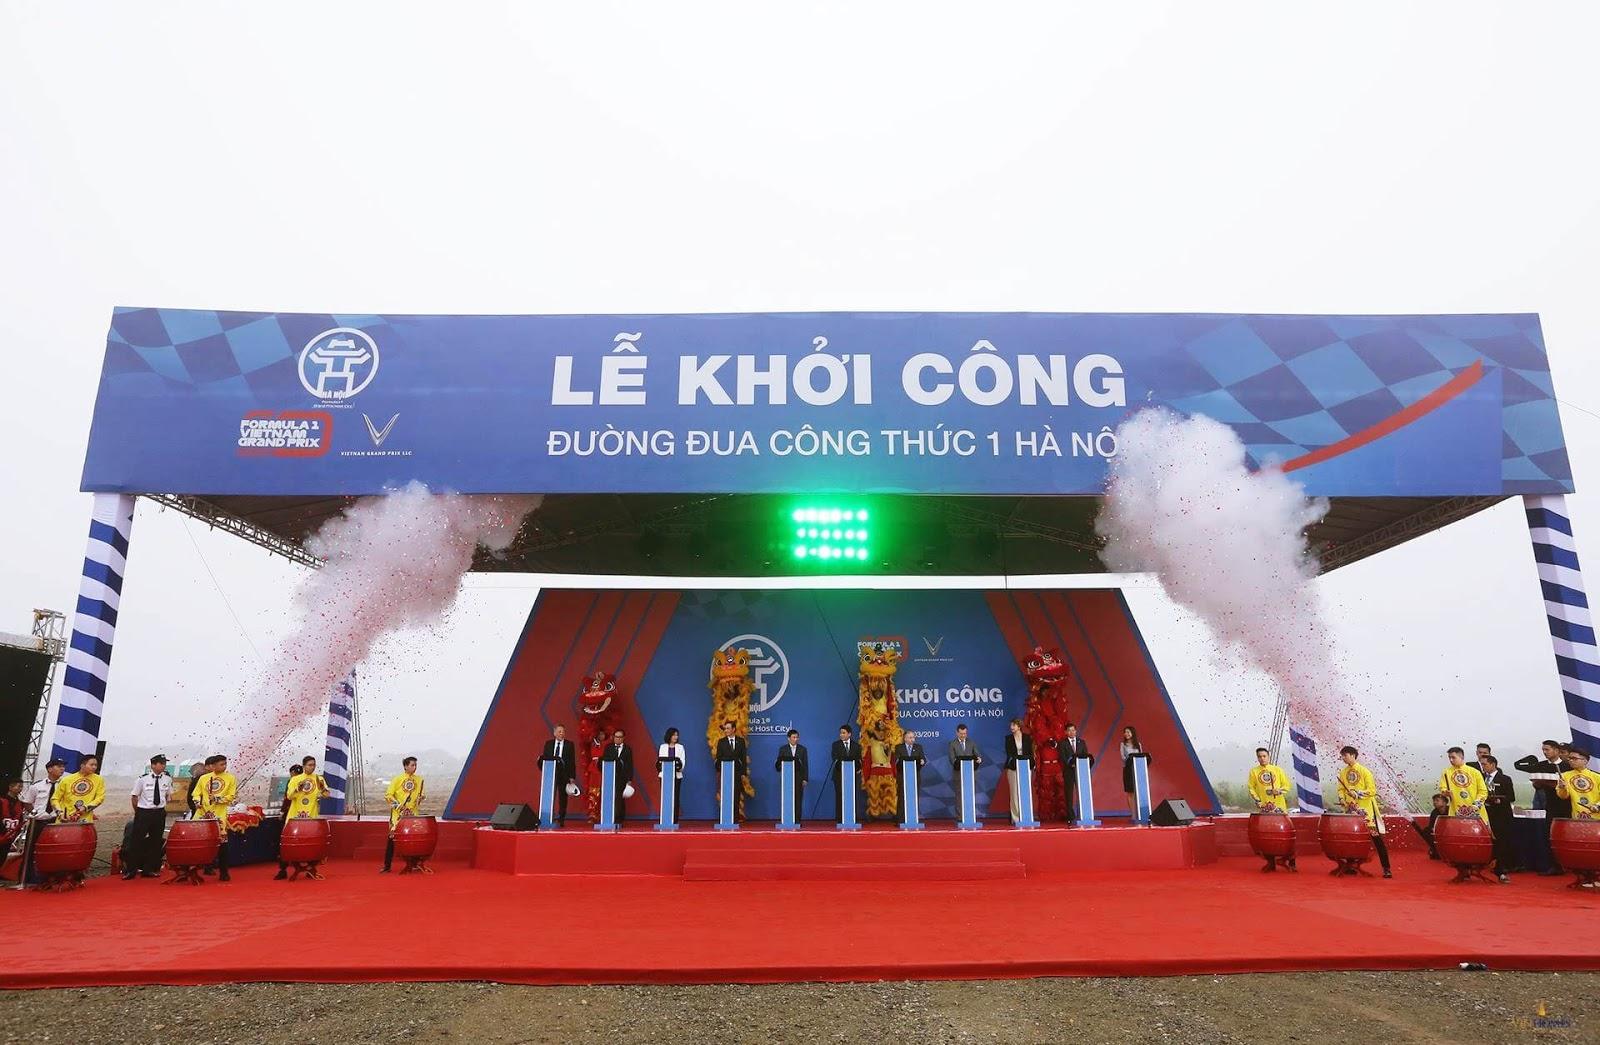 Trực tiếp lễ khởi công đường F1 tại Hà Nội